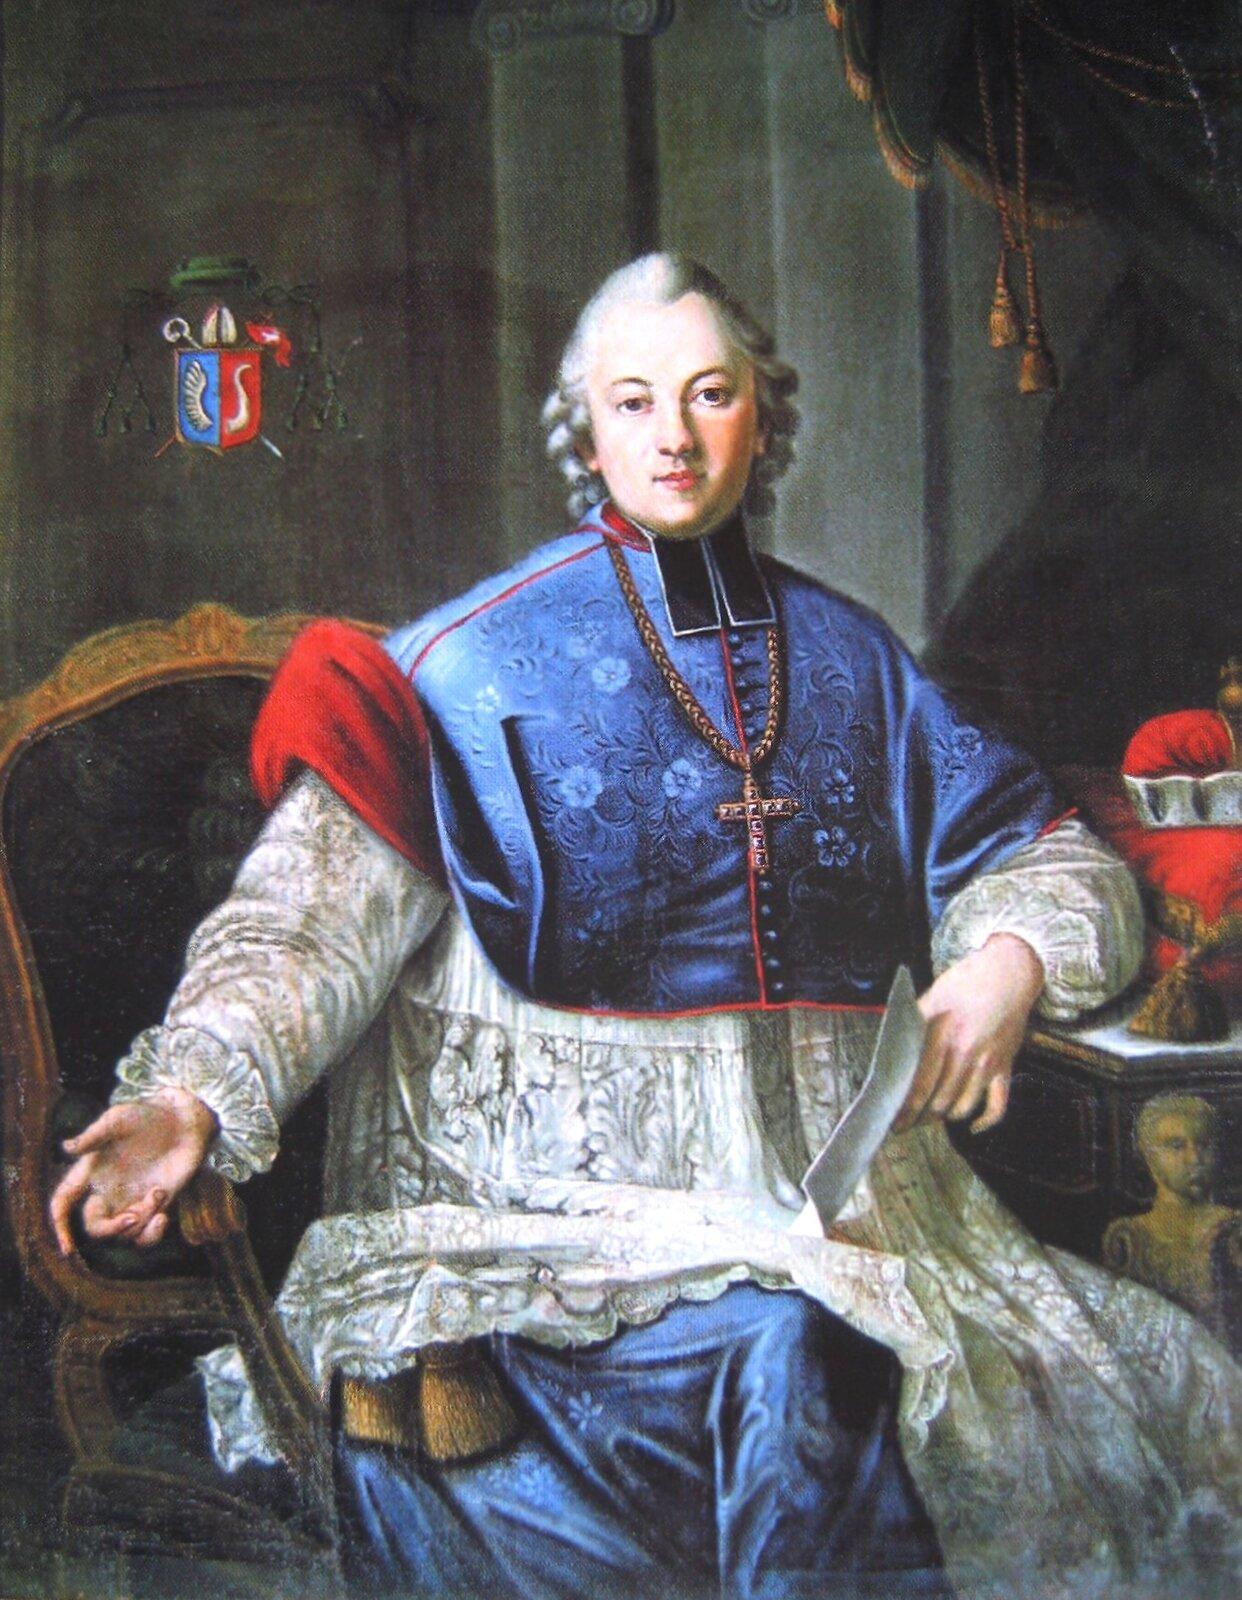 Ignacy Krasicki - portret (do biogramu!) Źródło: domena publiczna.